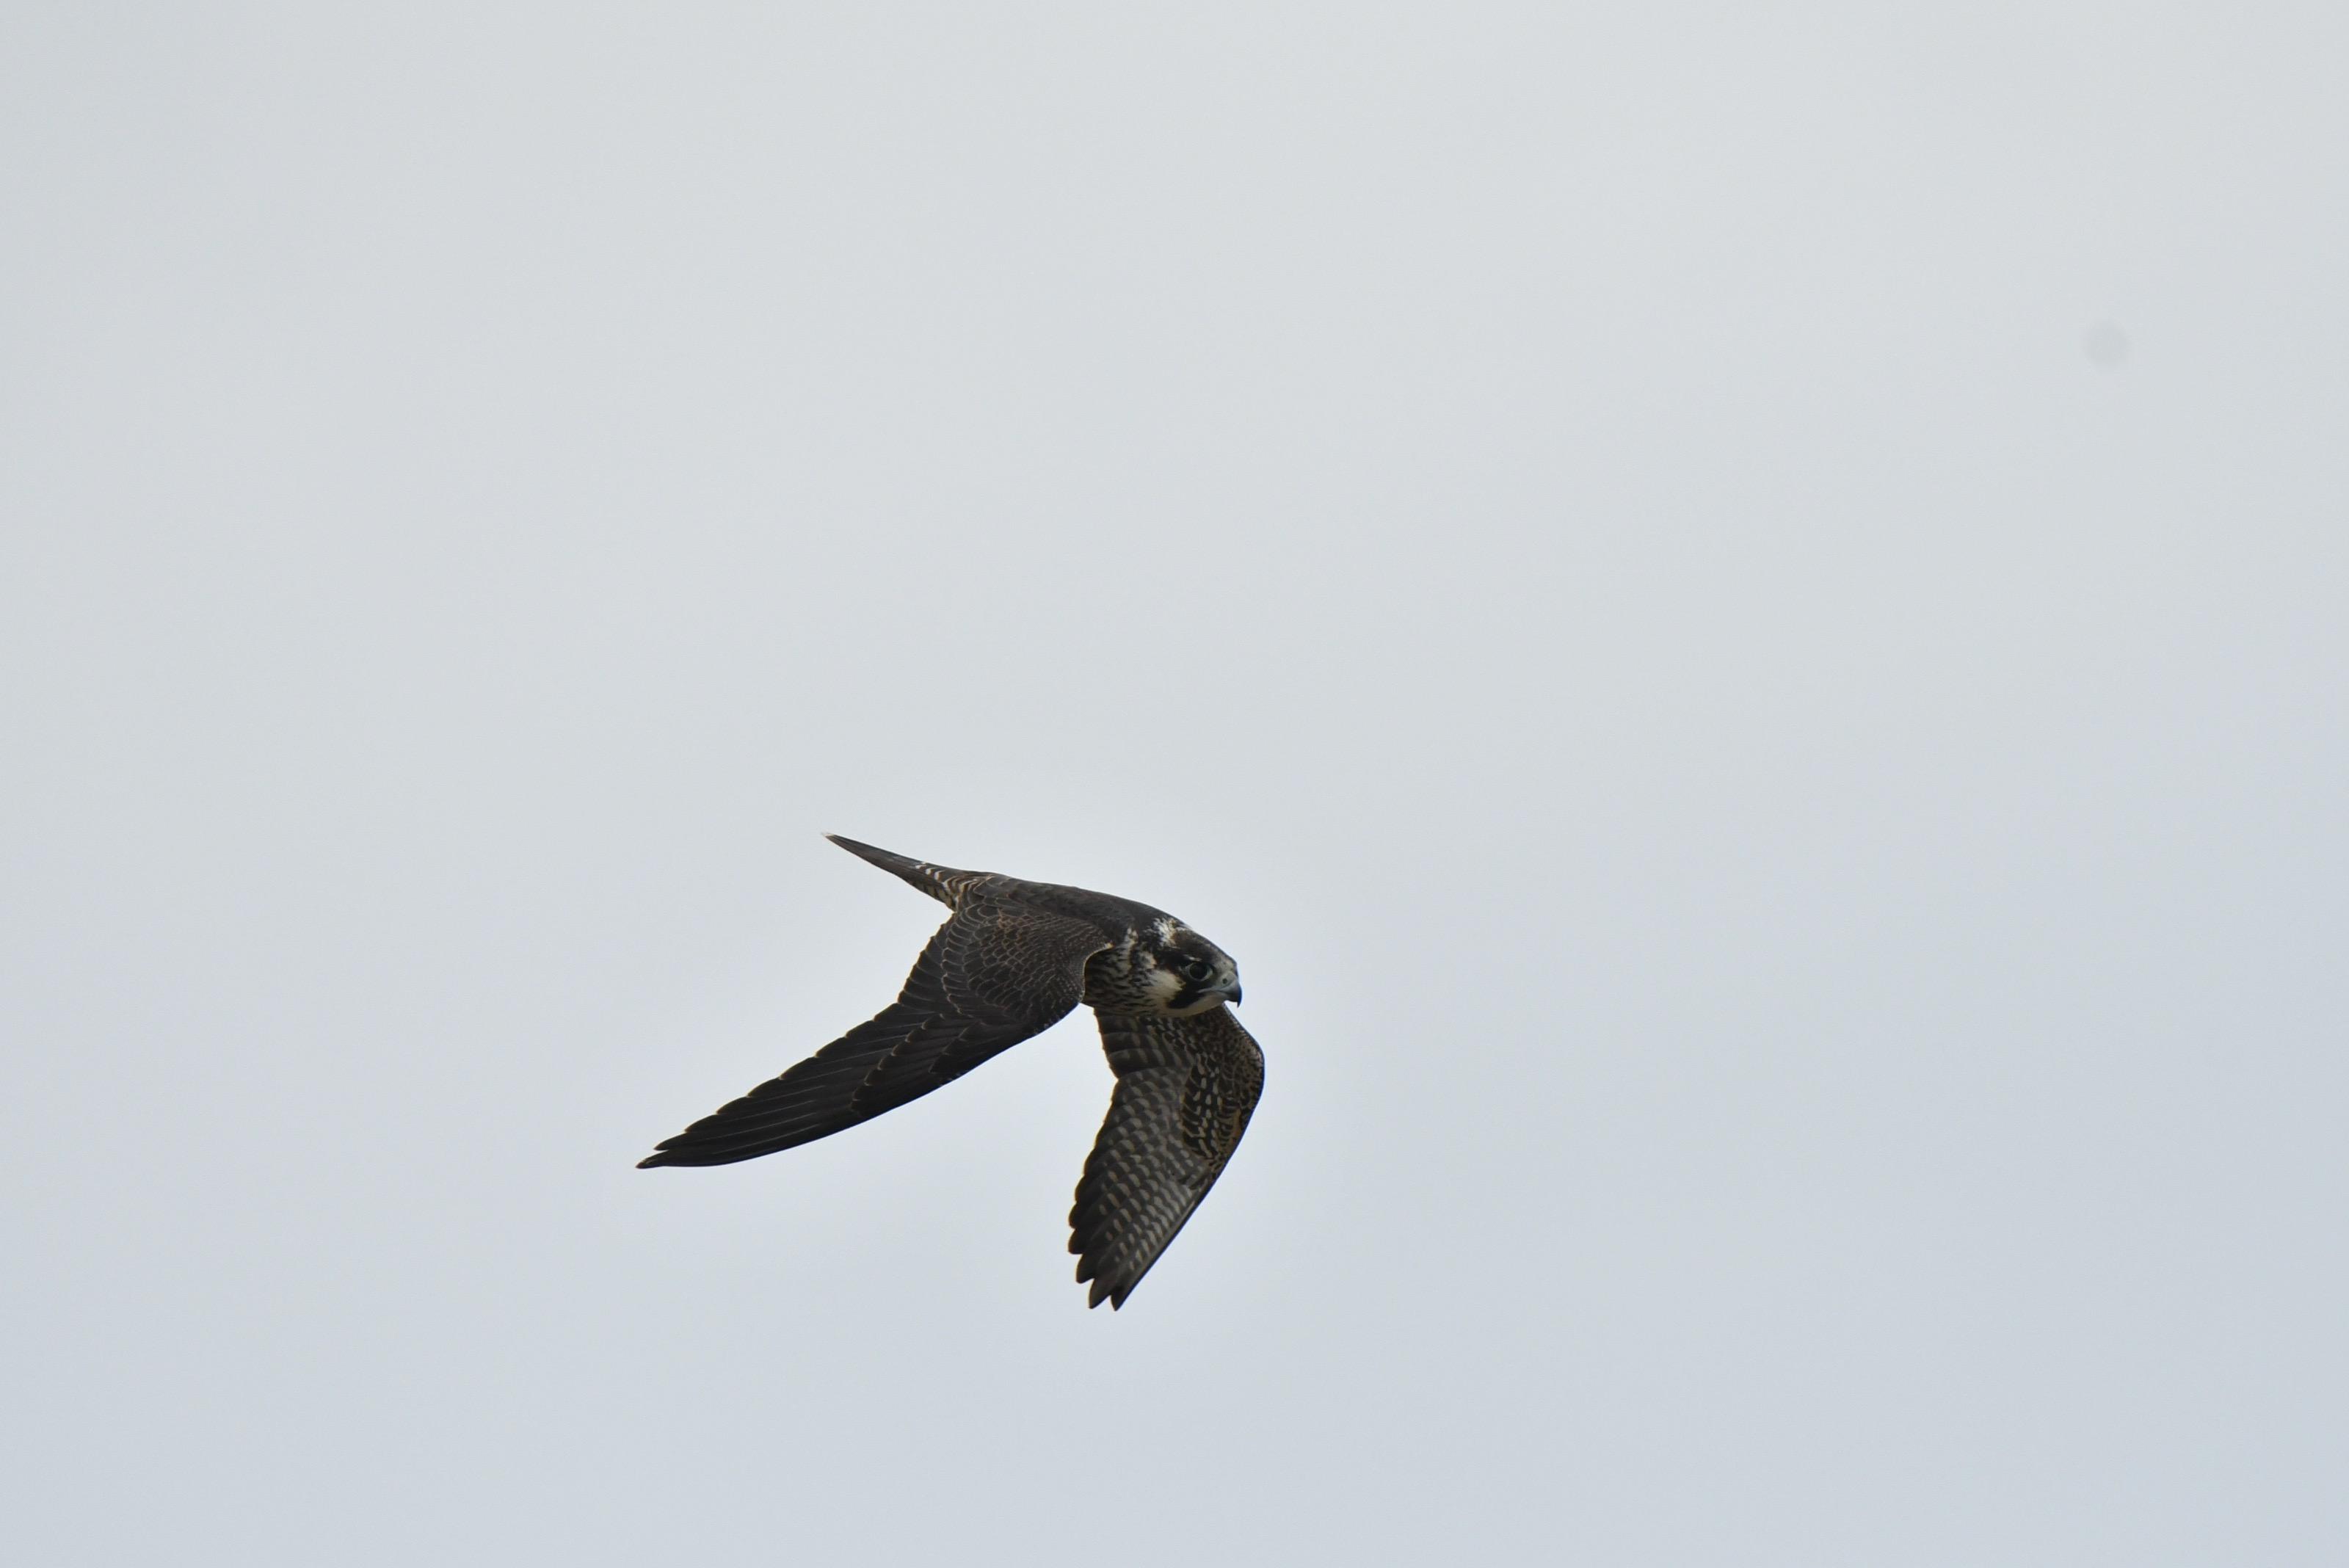 ミユビシギの群れに突っ込むハヤブサ若鳥